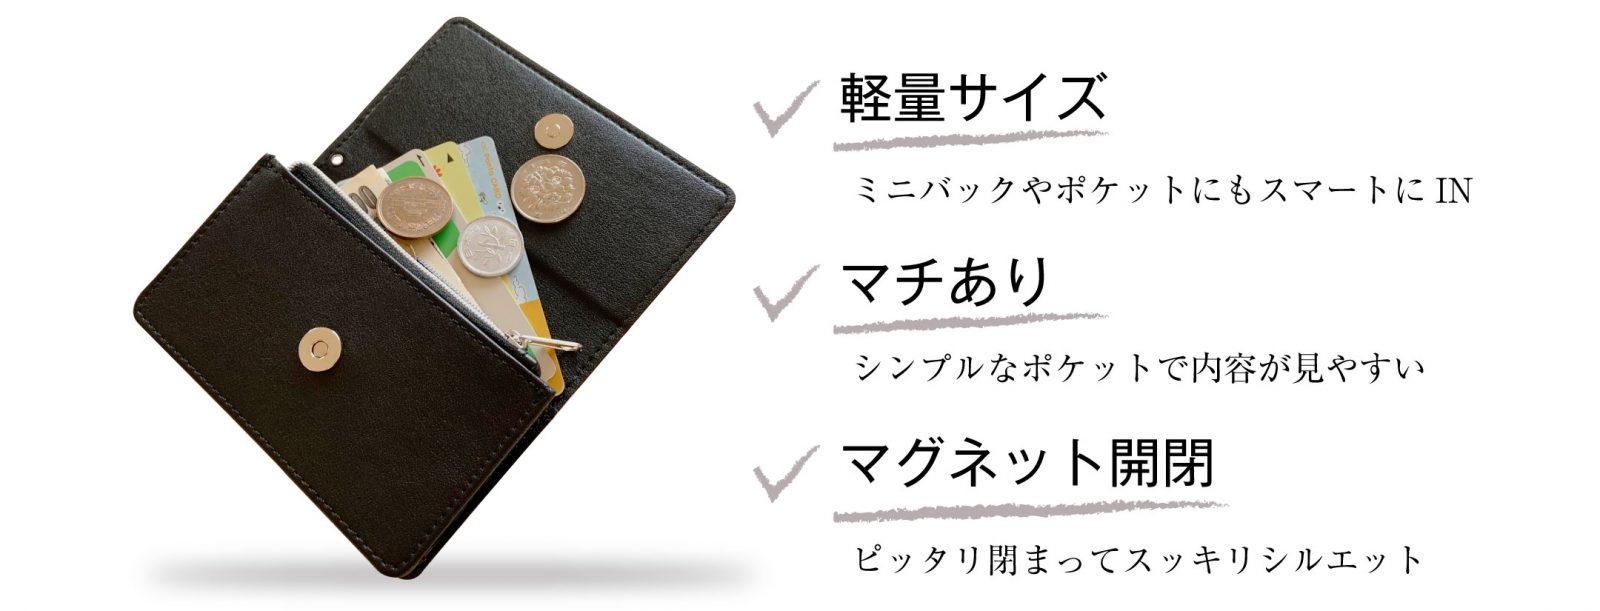 ファスナー付きミニ財布|ミニバッグやポケットにも入る軽量サイズ、シンプルなポケットですがマチがあって内容が見やすく、マグネットでしっかり閉まってスッキリなシルエットになります。